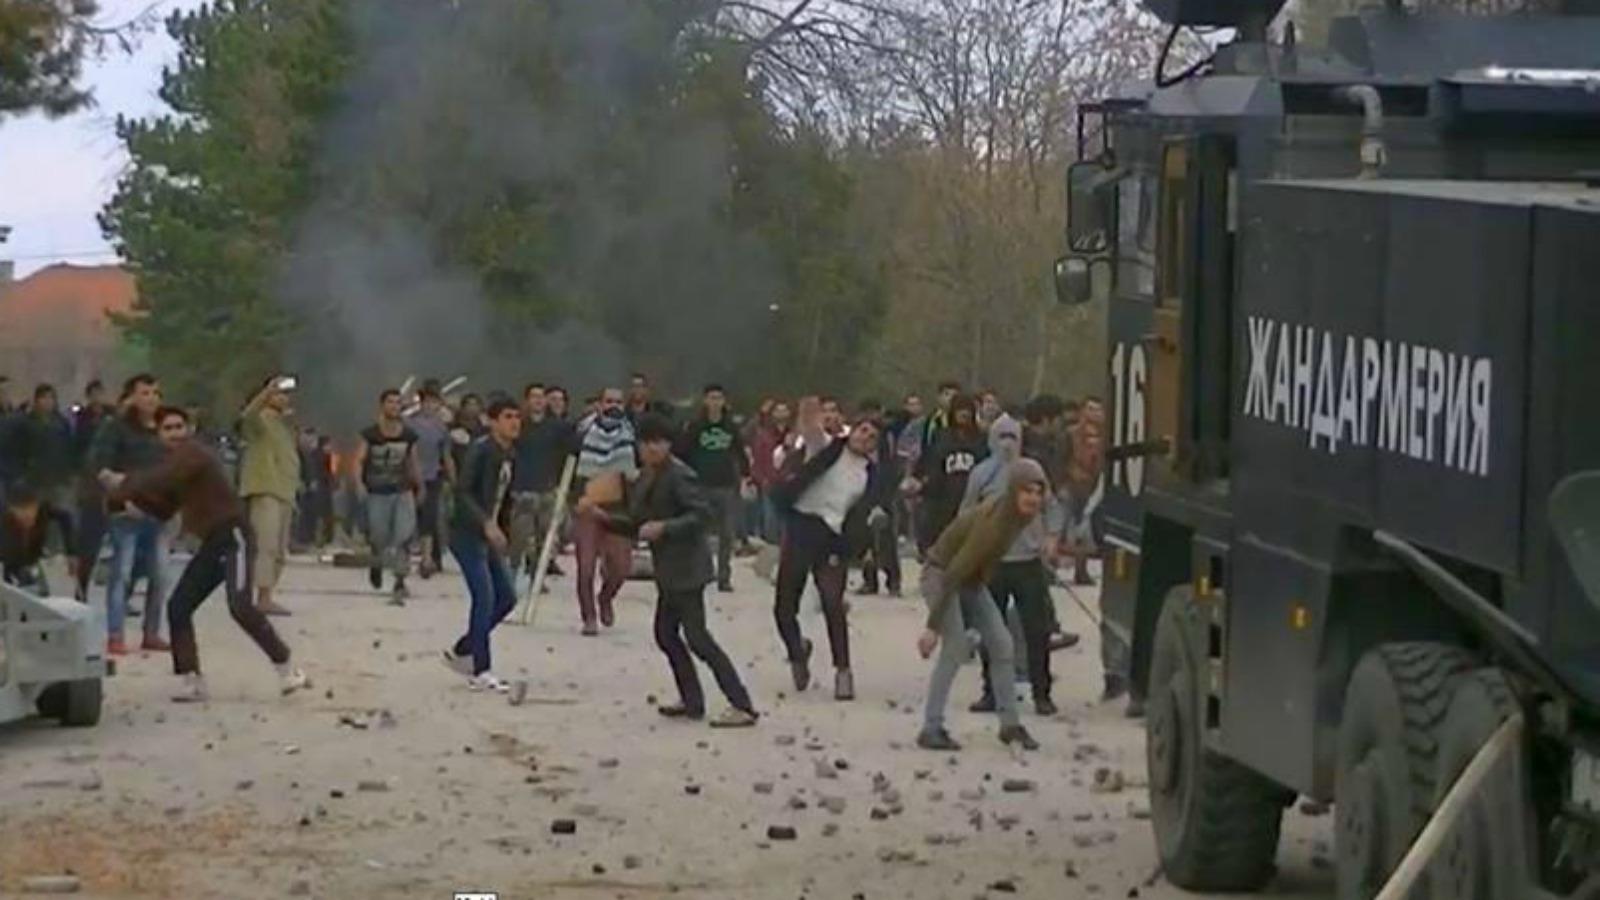 Hasil gambar untuk bulgaria afghans riot police